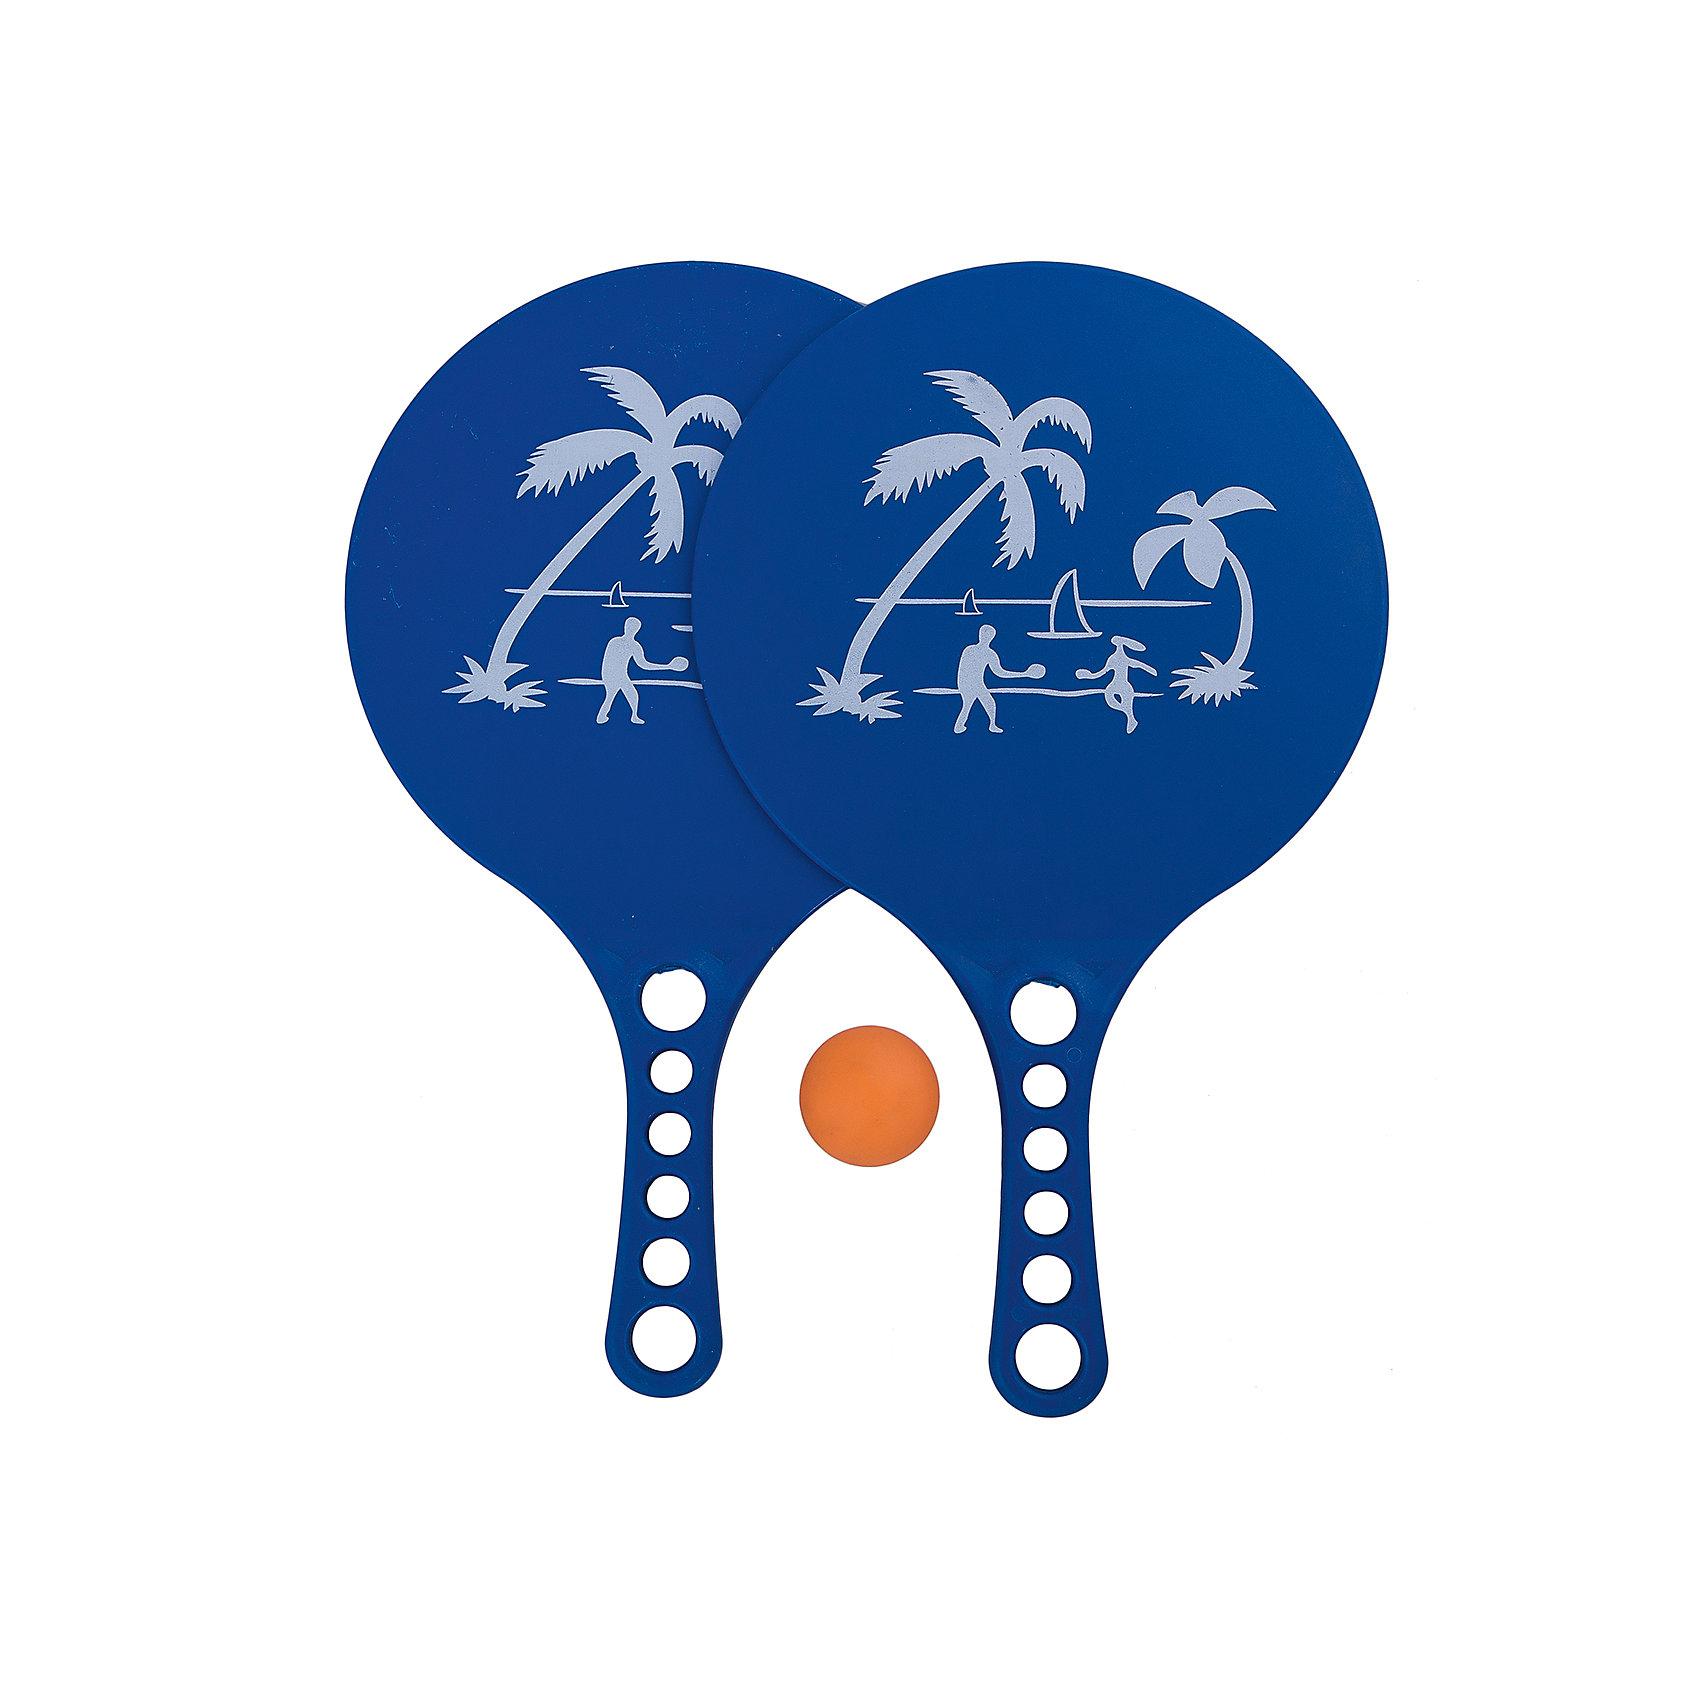 Набор для игры в пляжный пинг-понгНабор для игры в пляжный пинг-понг 41339 (36.5*21.5см,  2 ракетки, мячик (полипропилен) / 36.5*21.5 арт.41339<br><br>Ширина мм: 40<br>Глубина мм: 200<br>Высота мм: 370<br>Вес г: 362<br>Возраст от месяцев: 60<br>Возраст до месяцев: 2147483647<br>Пол: Унисекс<br>Возраст: Детский<br>SKU: 4819489